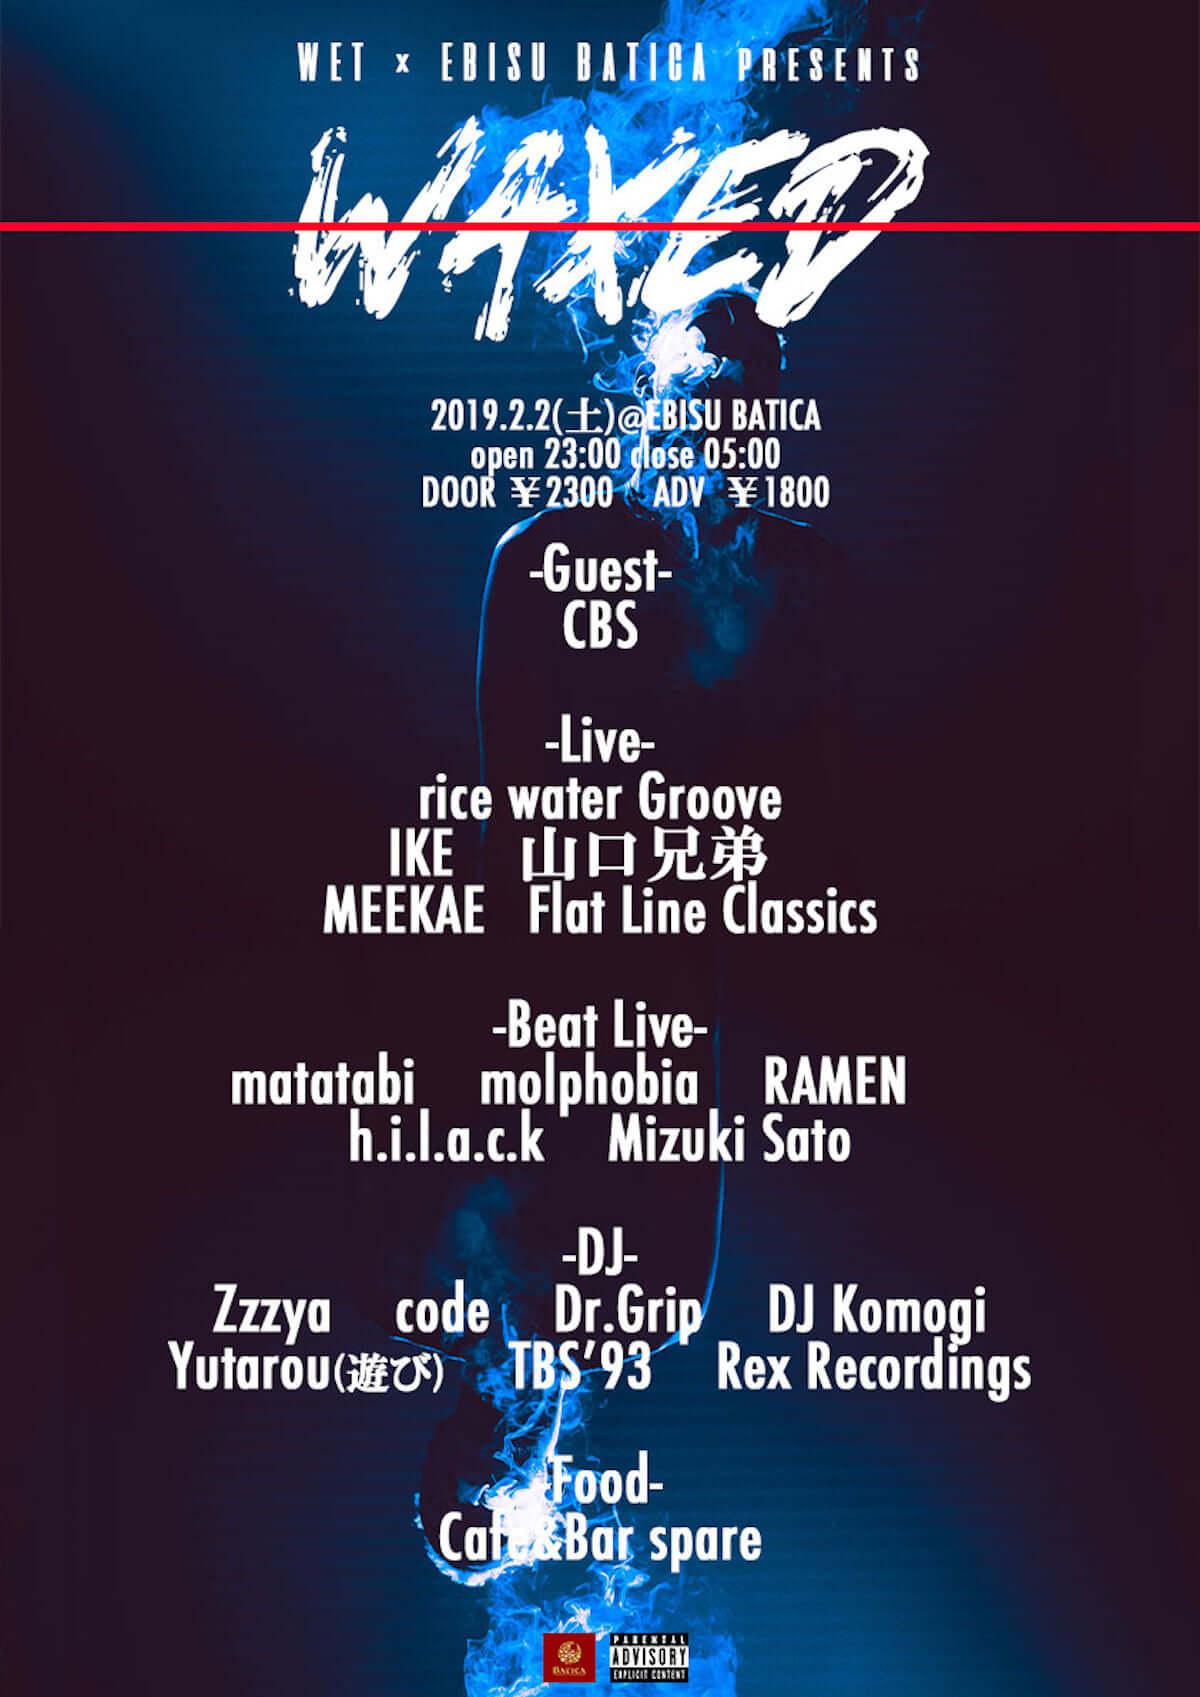 CBSやrice water Grooveら出演!EBISU BATICA×WETでパーティー「WAXED」が2月に開催 music190122-ricewatergroove-1200x1697